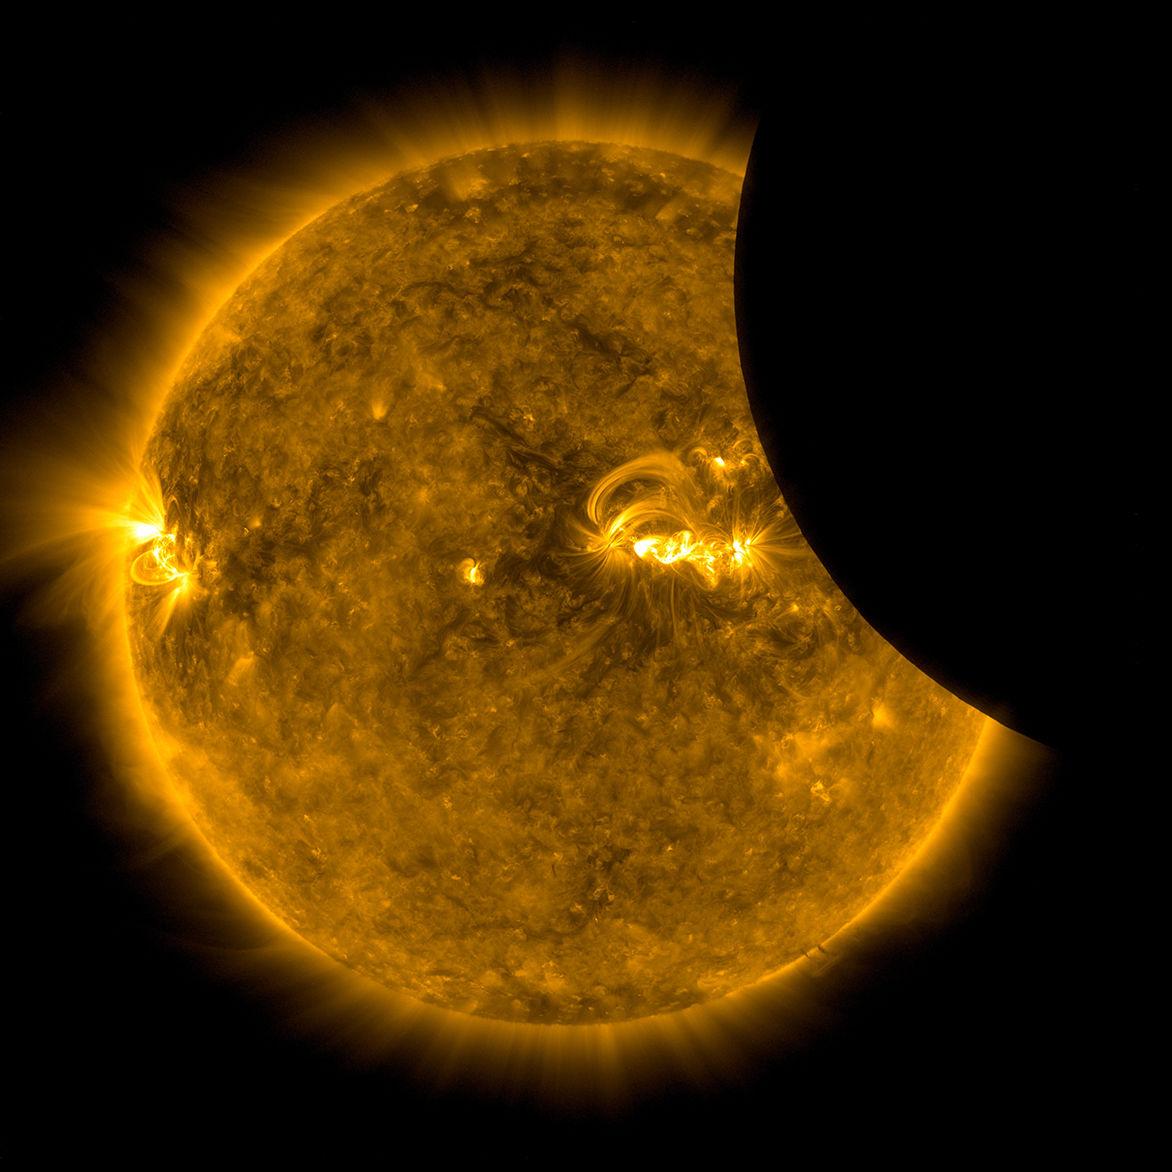 eclipse-en-estados-unidos_04beaf08